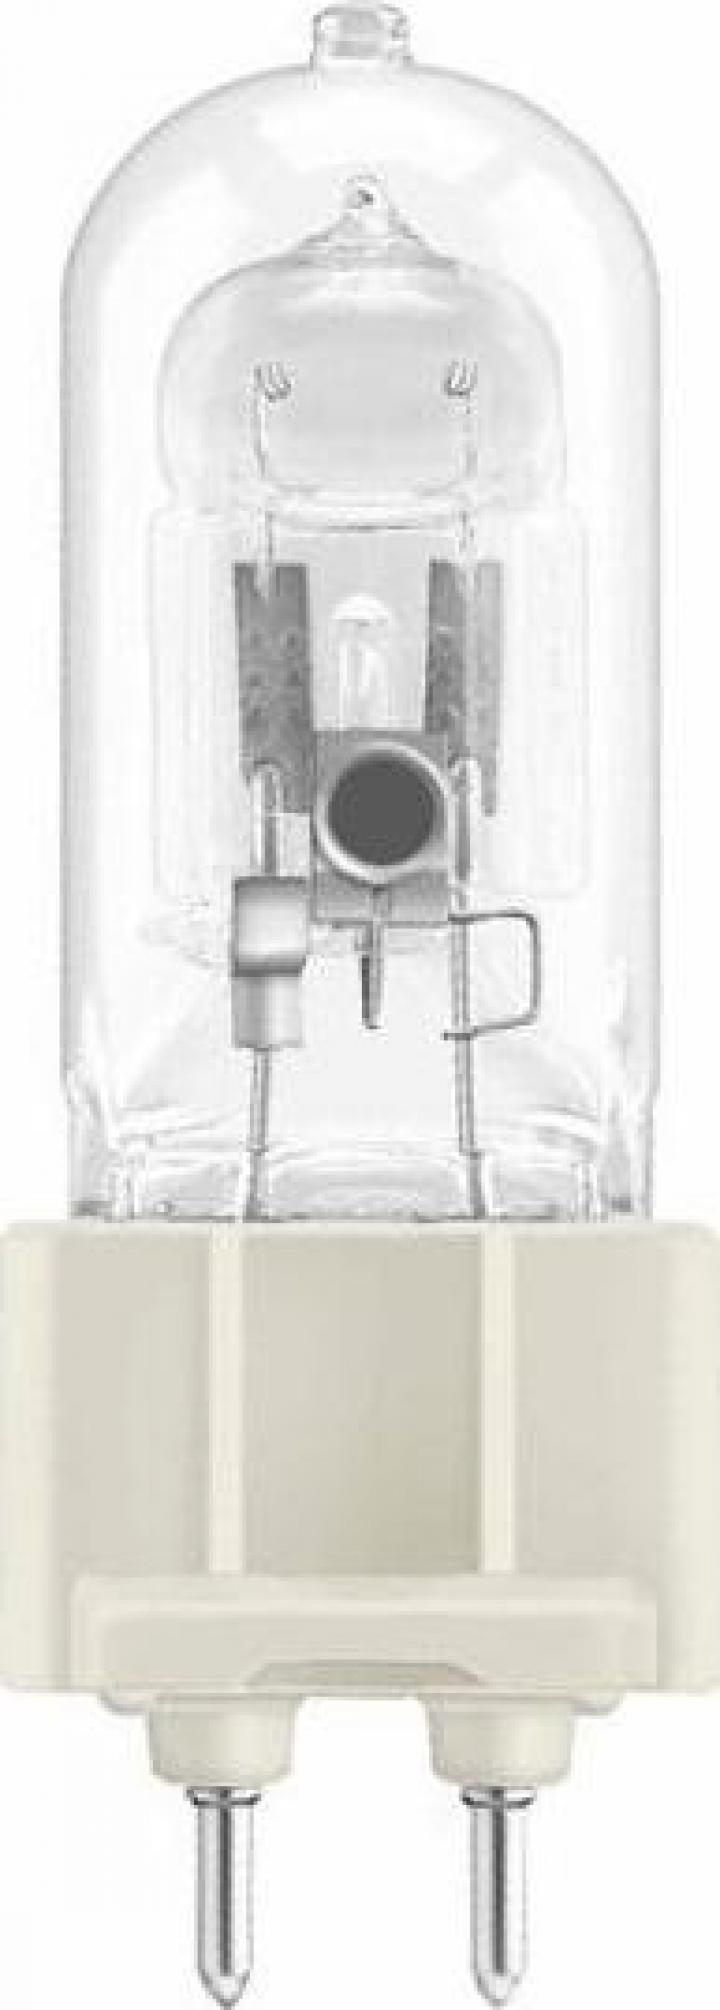 Bec Osram Powerstar HQI-T 150 W/WDL (metal halide) 150W G12